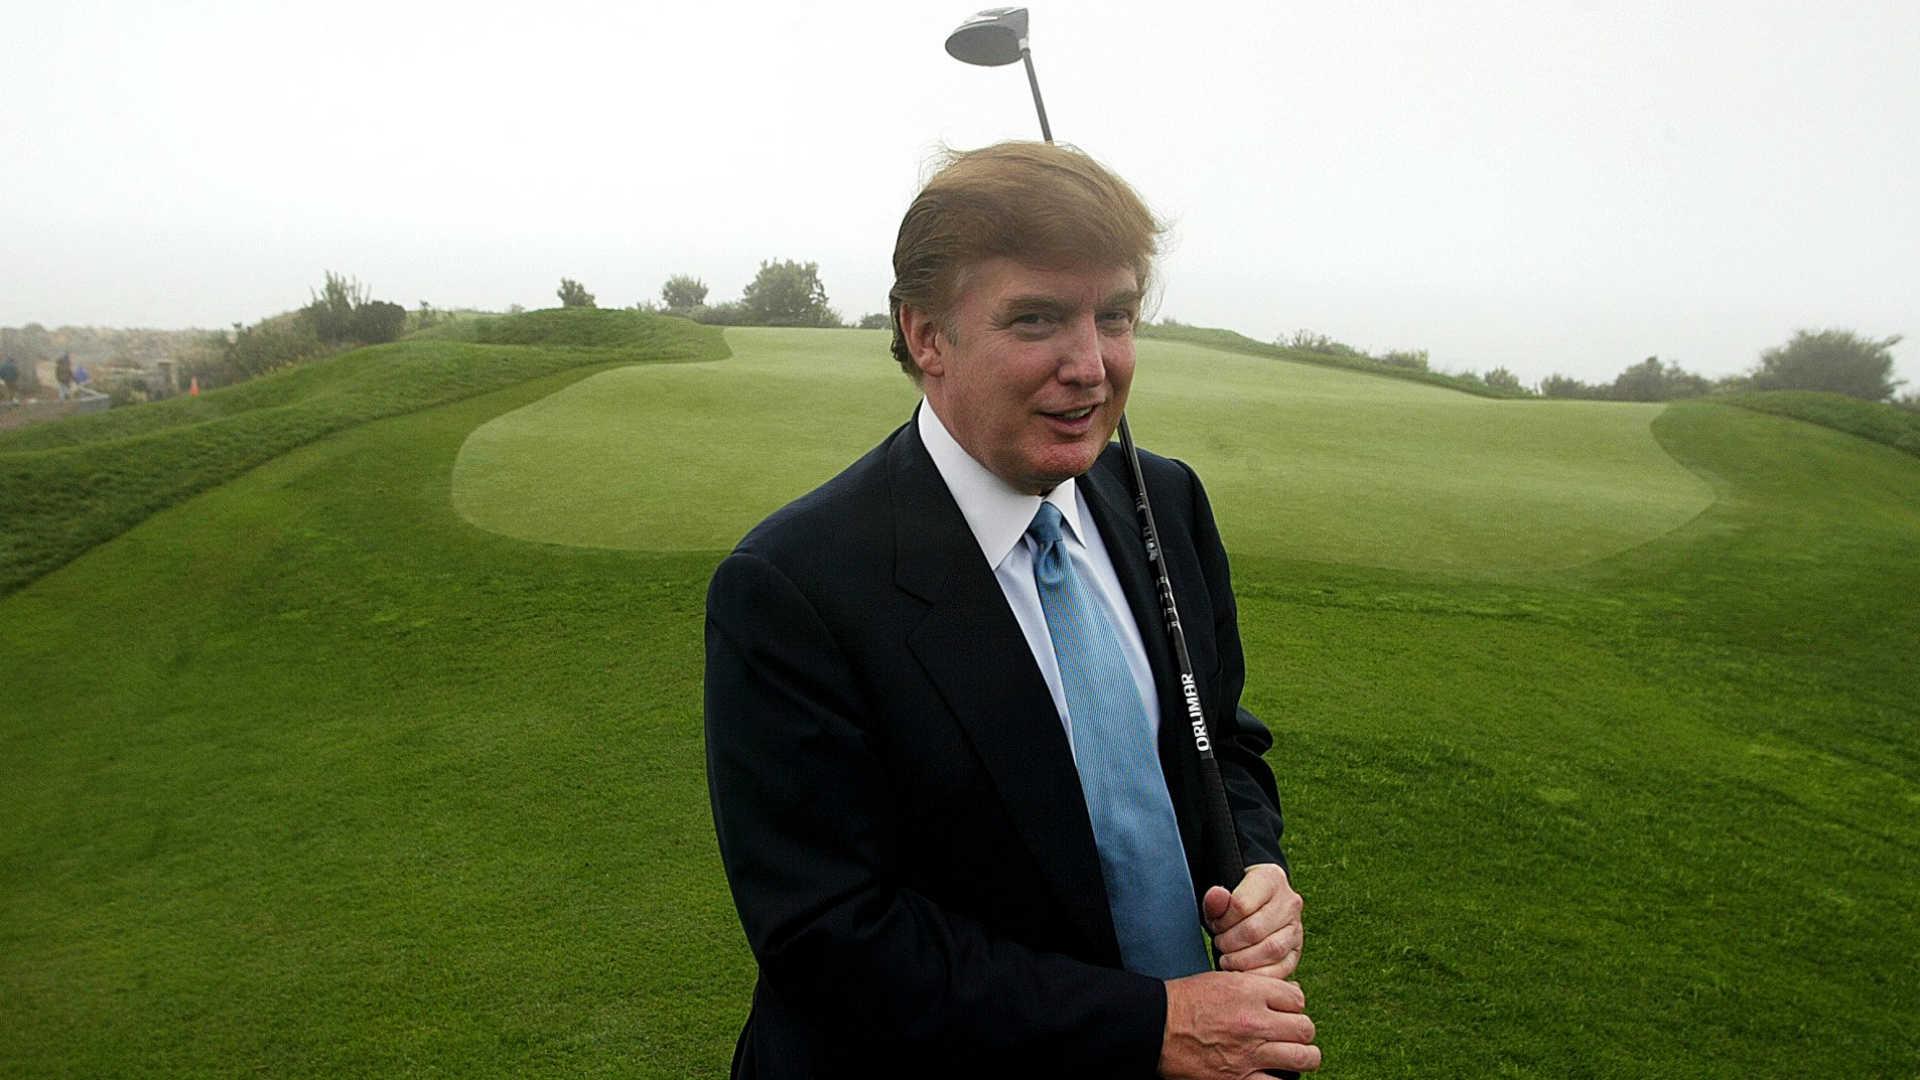 Donald Trump-043014-AP-FTR.jpg